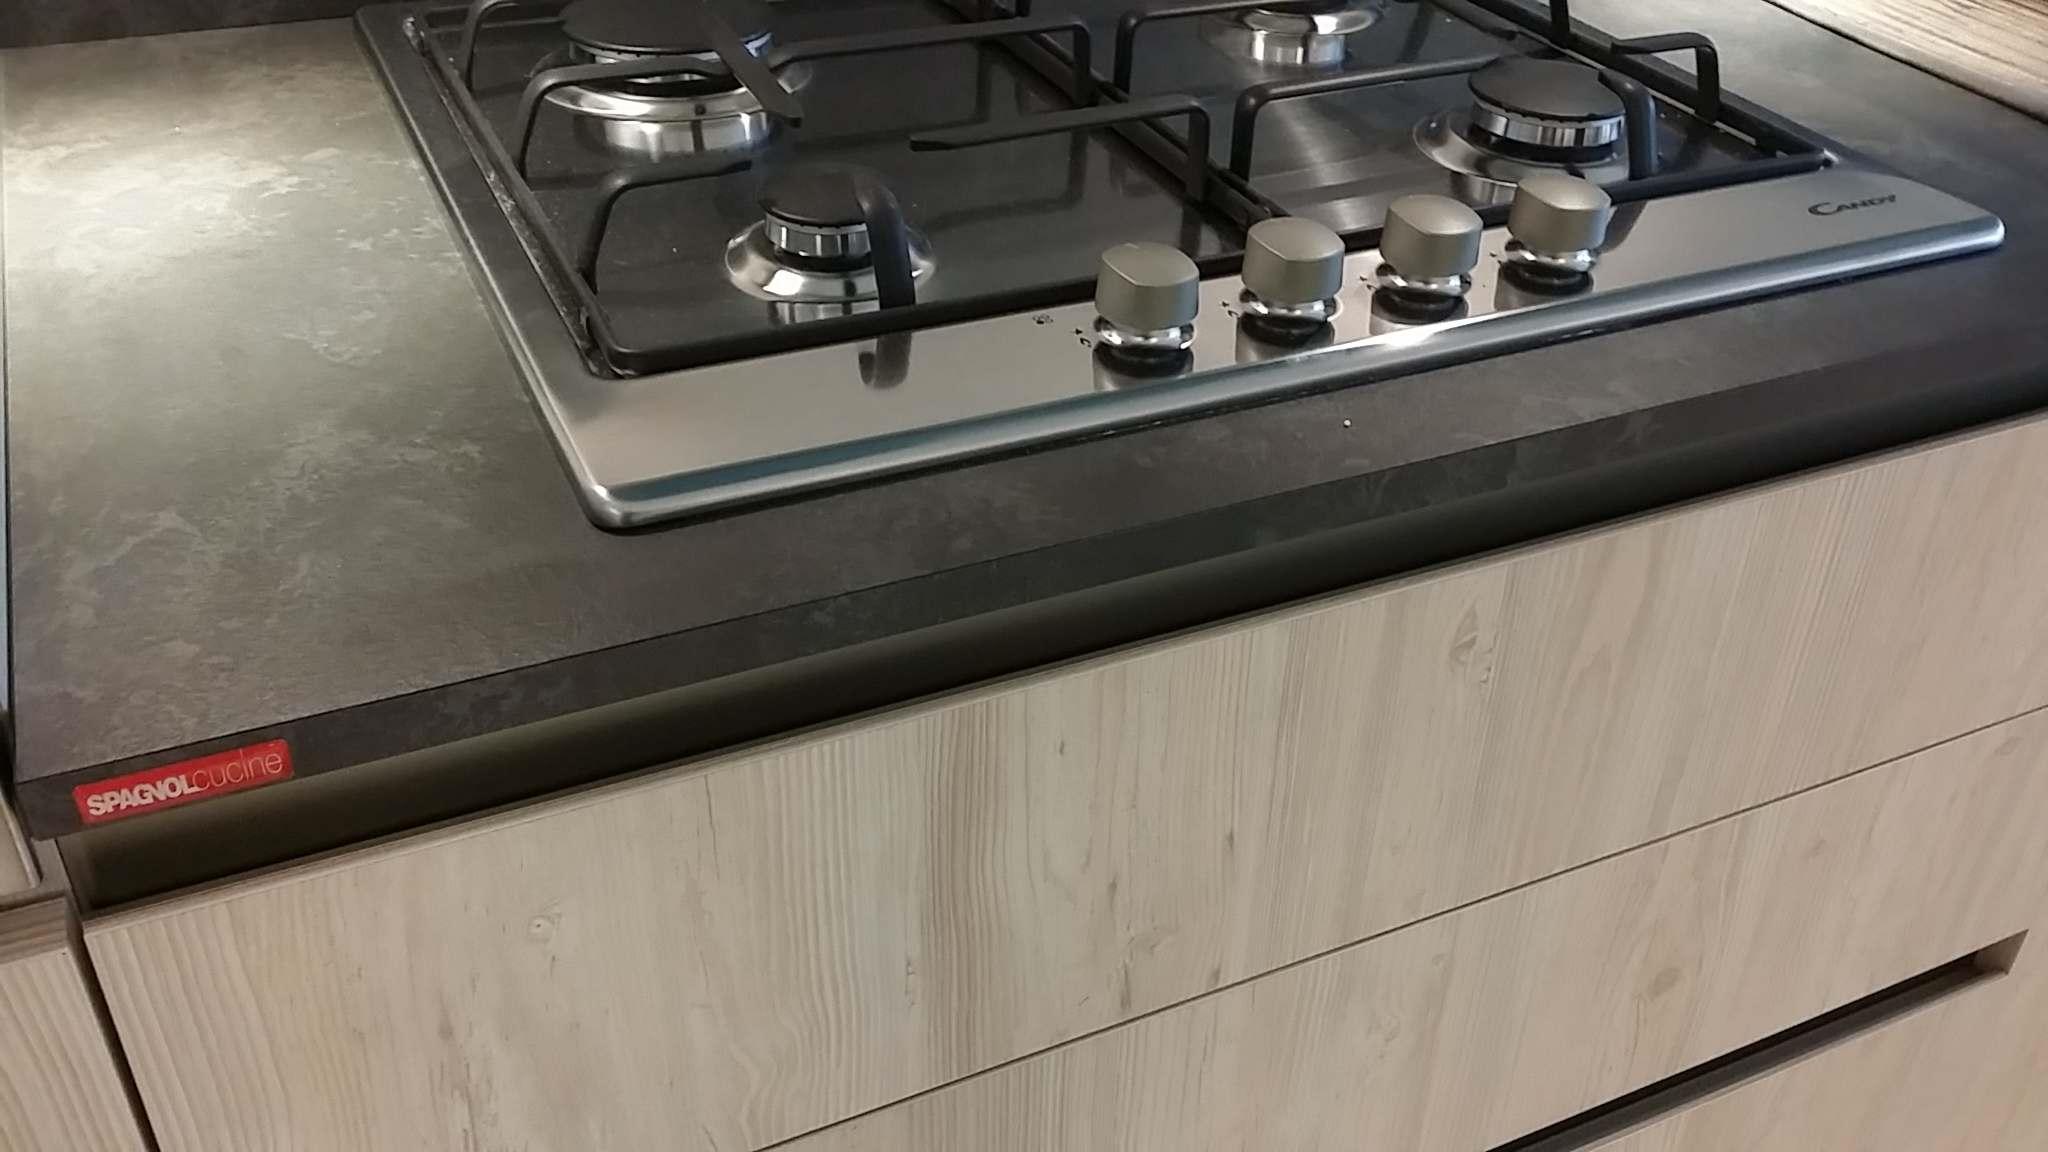 Outlet Cucina Spagnol Vivere italia - Cucine a prezzi scontati